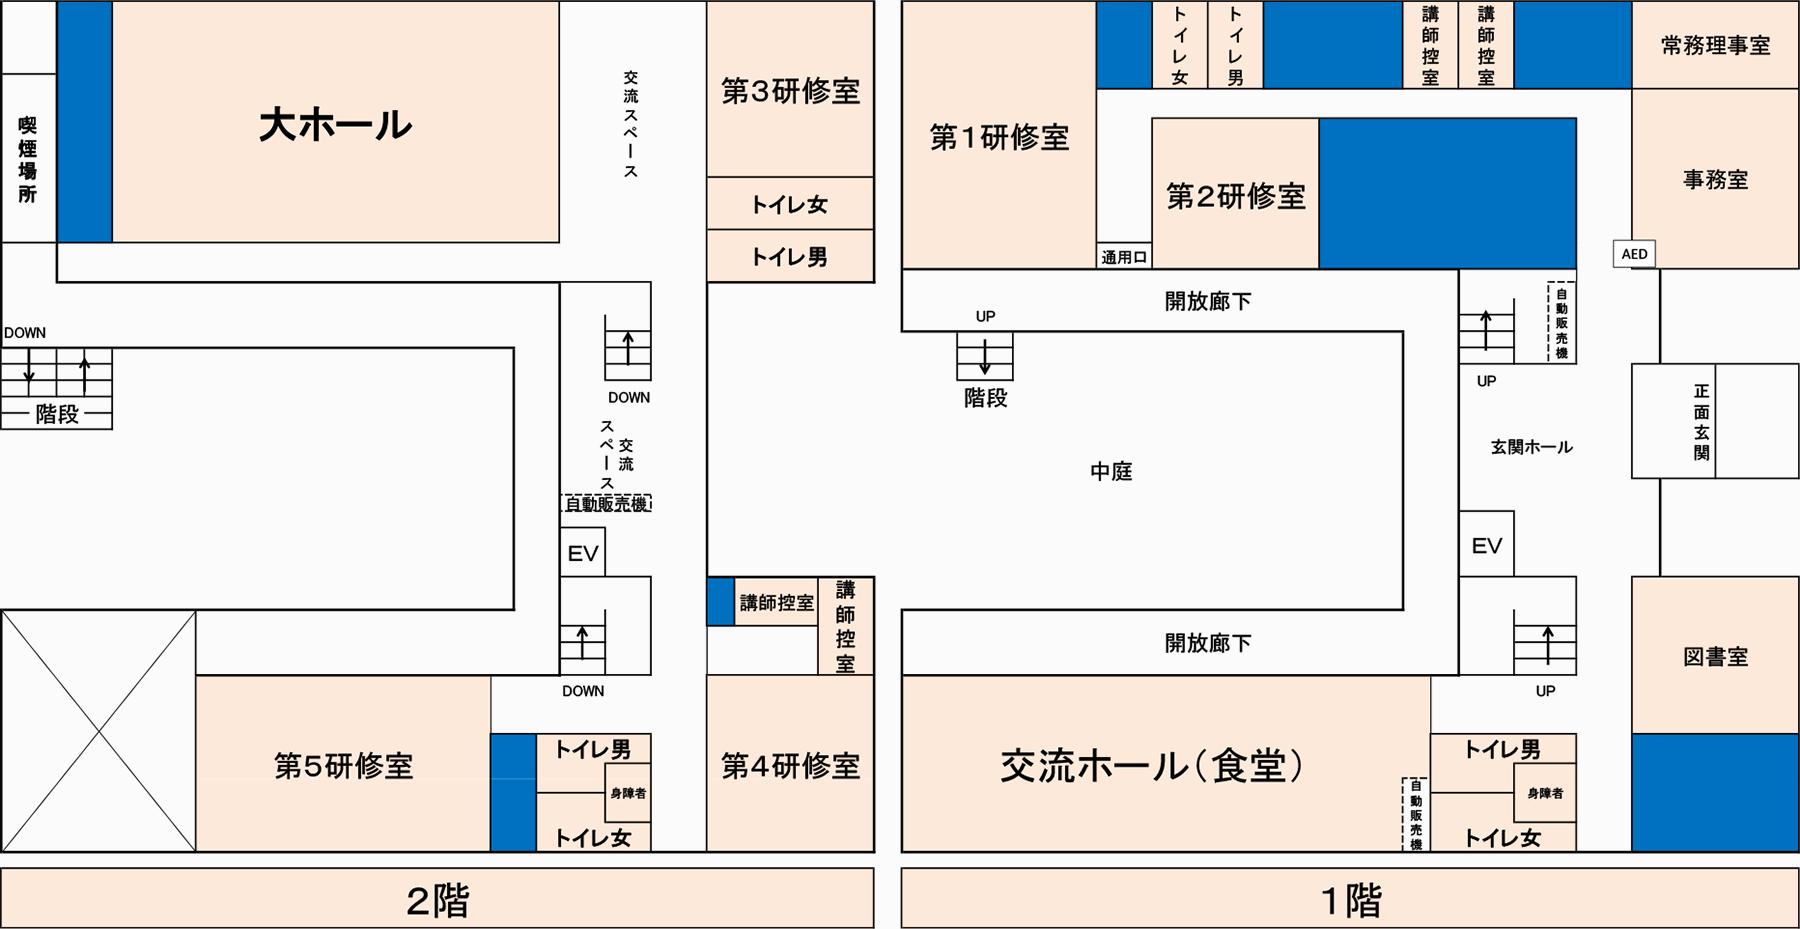 大分県自治人材育成センター平面図